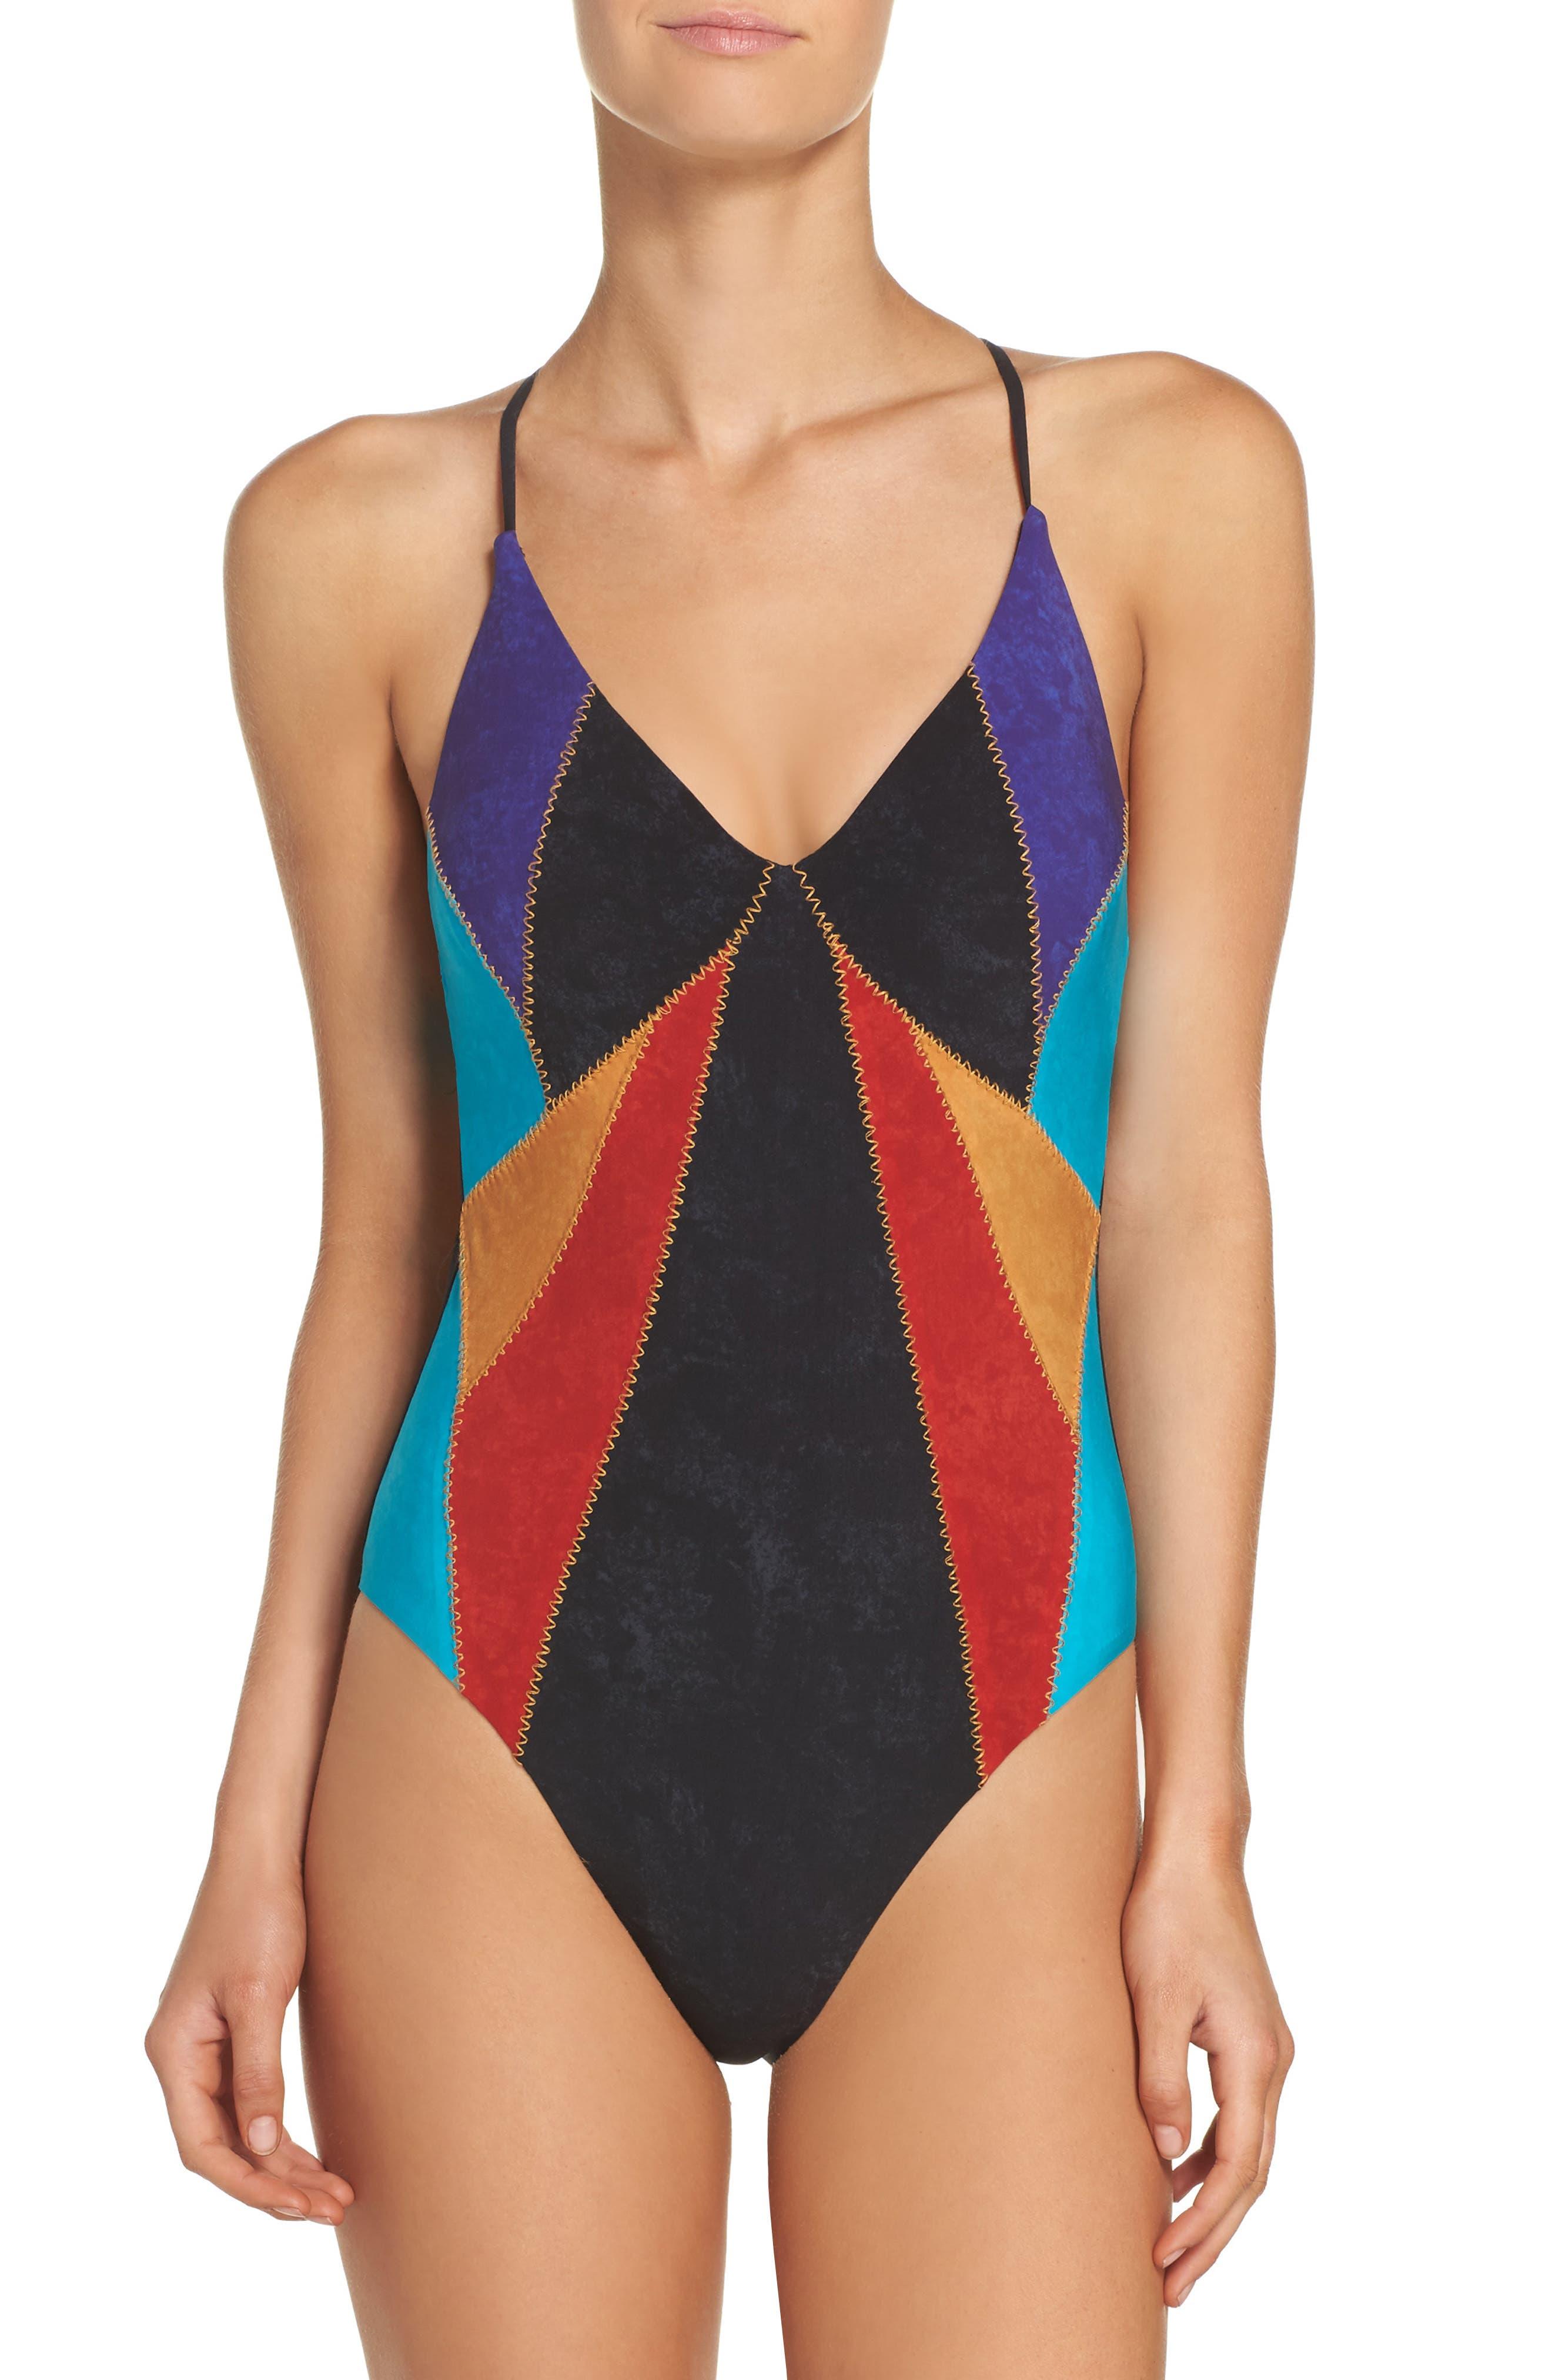 Nanette Lepore Goddess One-Piece Swimsuit